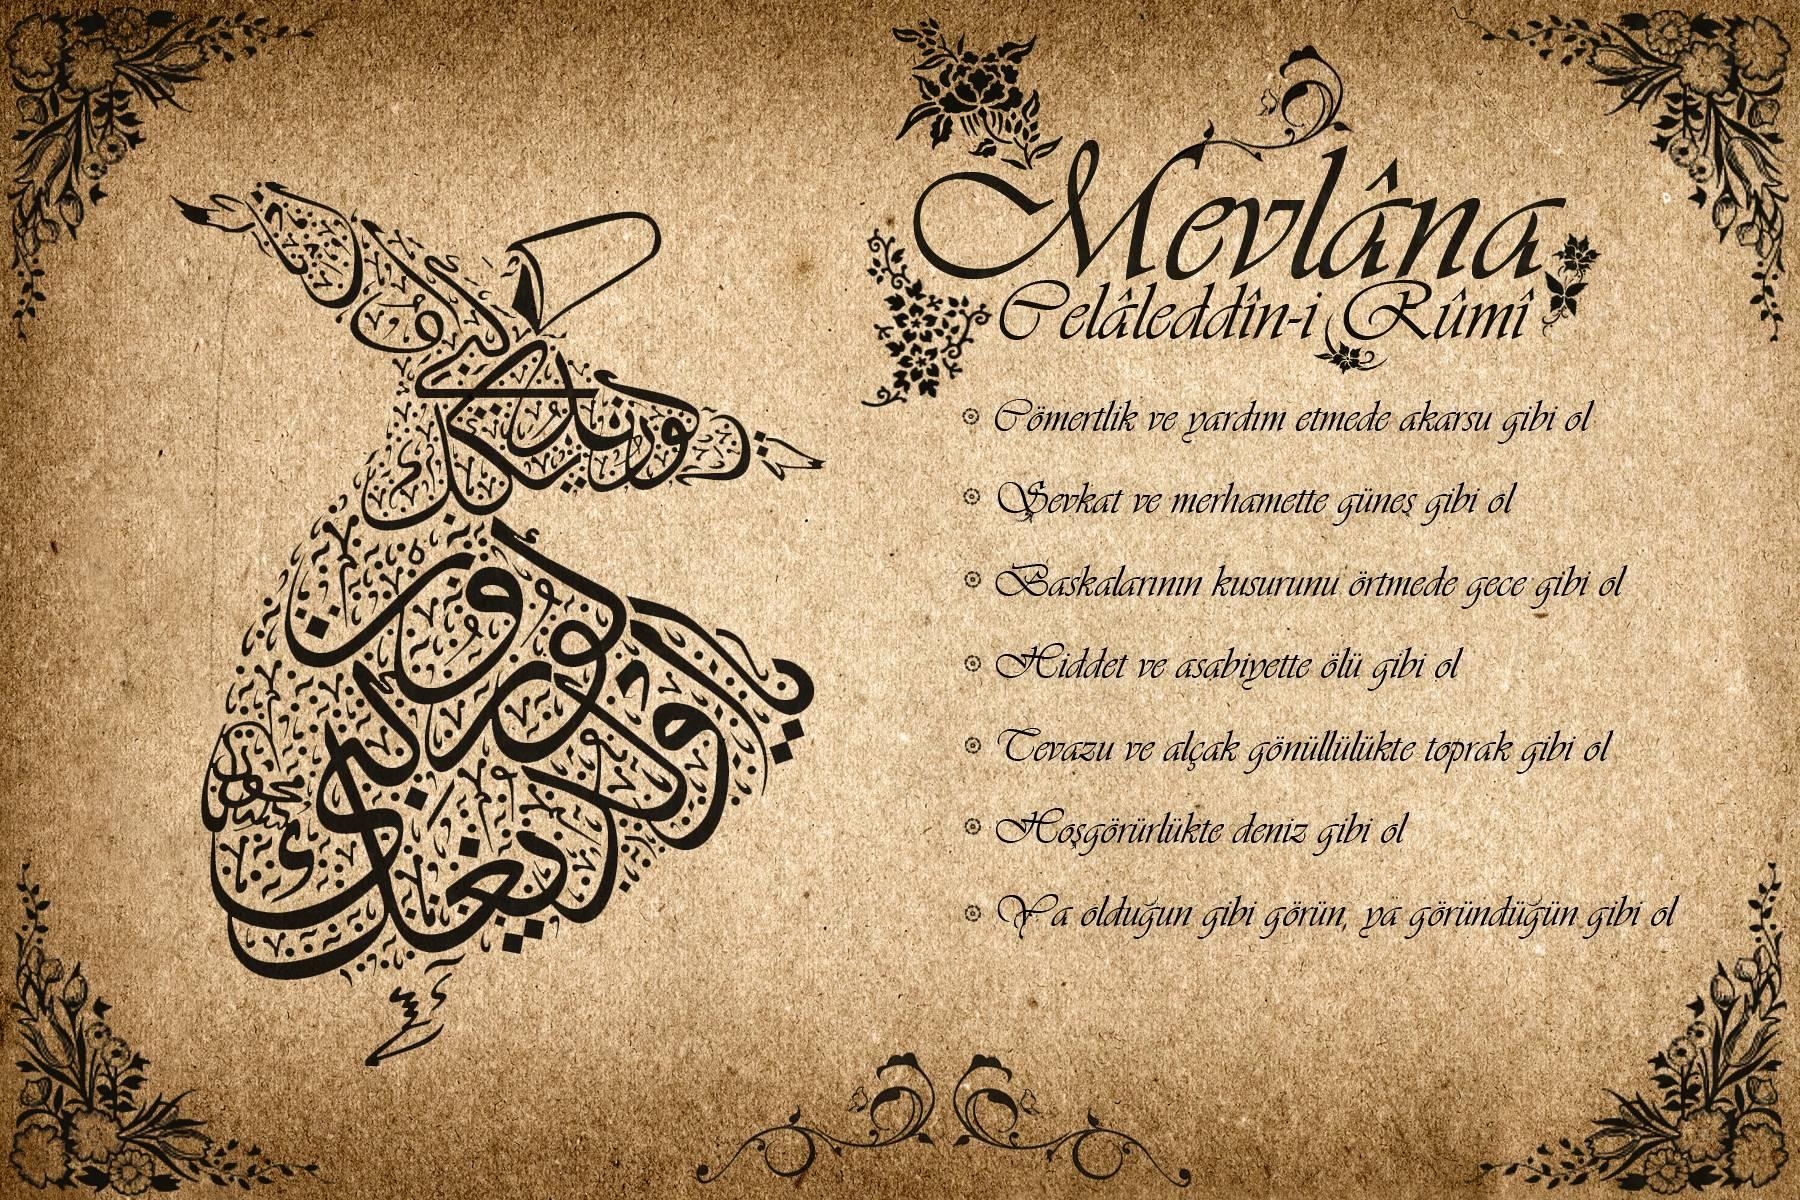 Mevlana Celalettin Rumi Sözleri